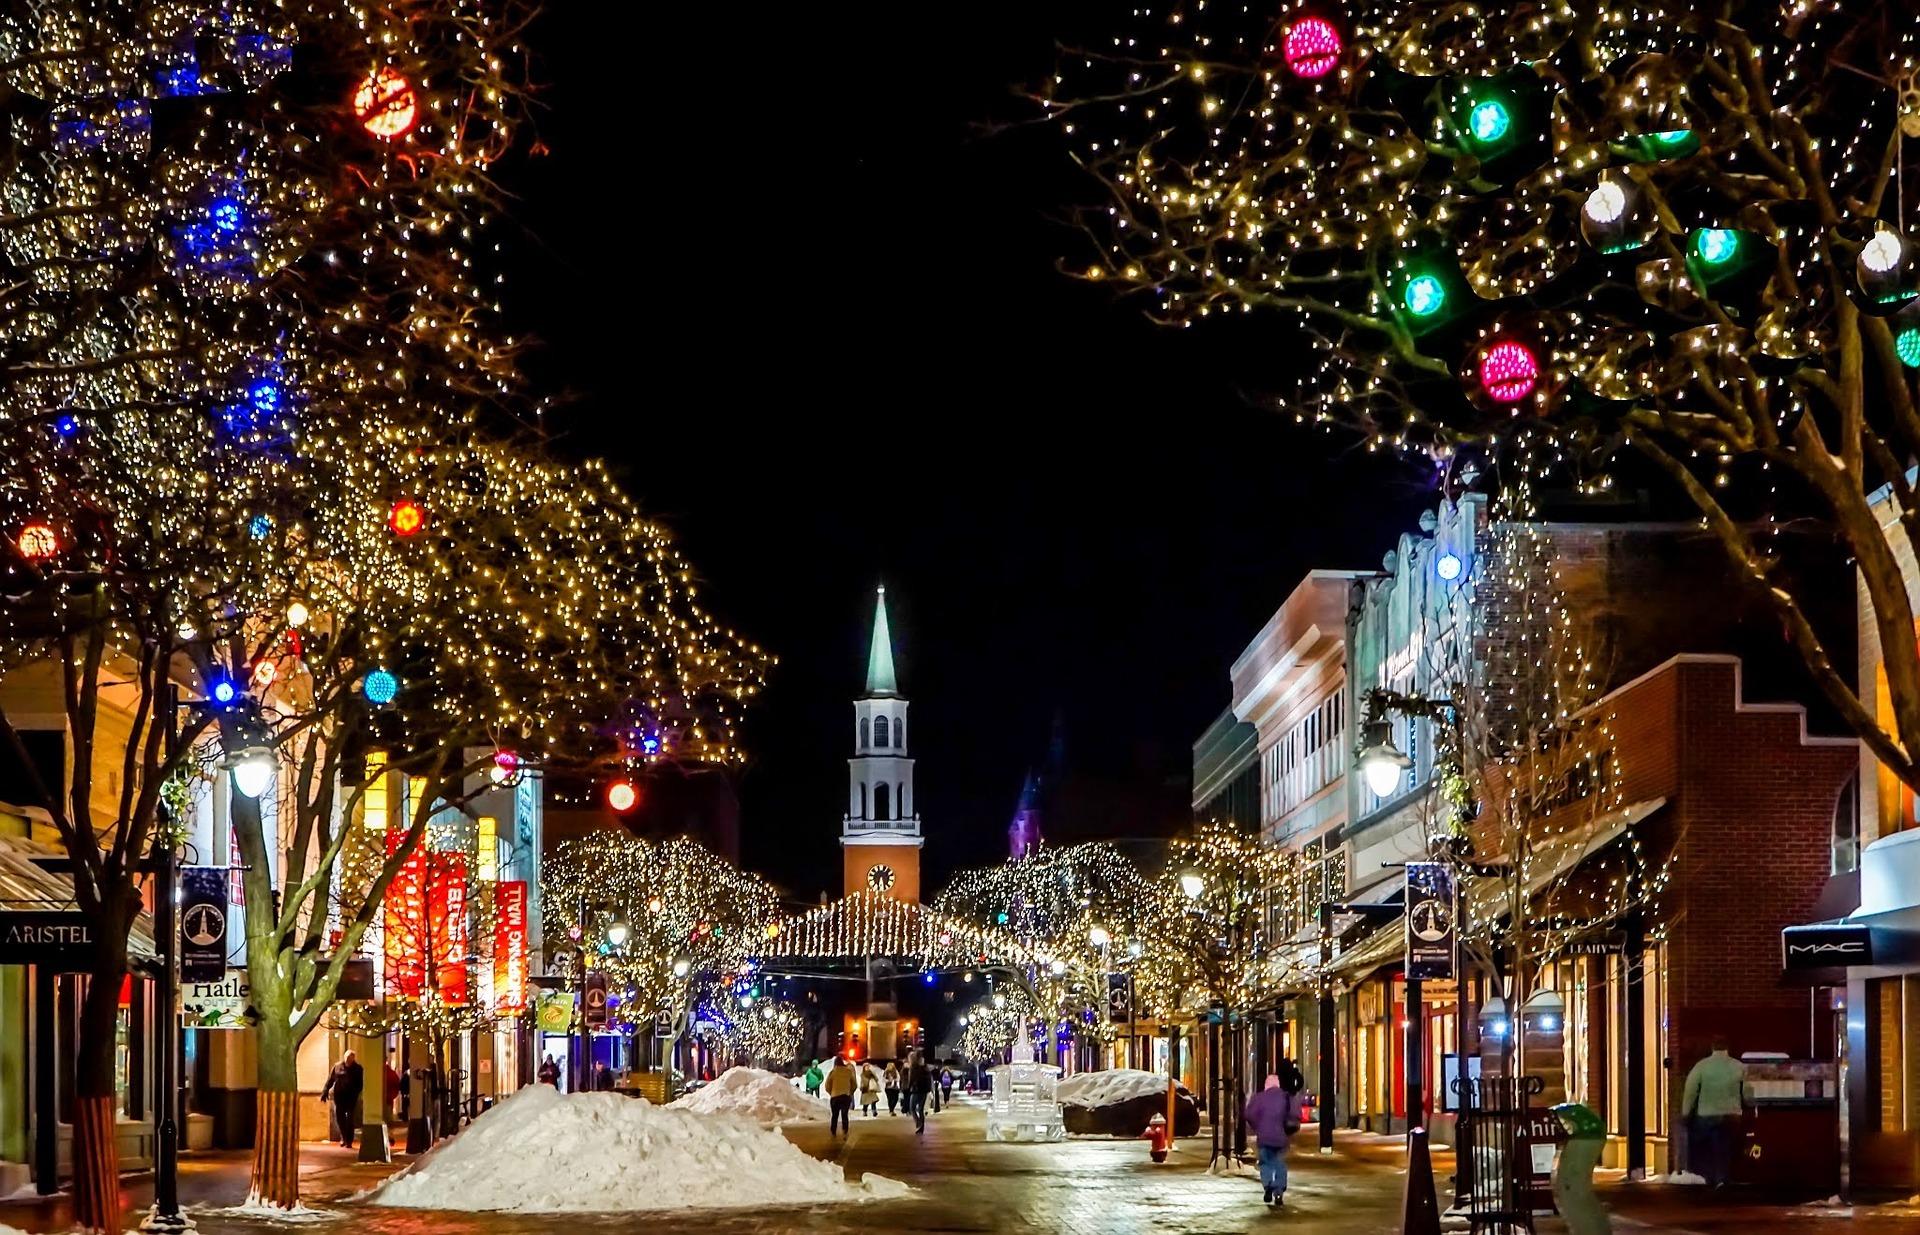 Durch Lichttechnik bunt beleuchtete Innenstadt